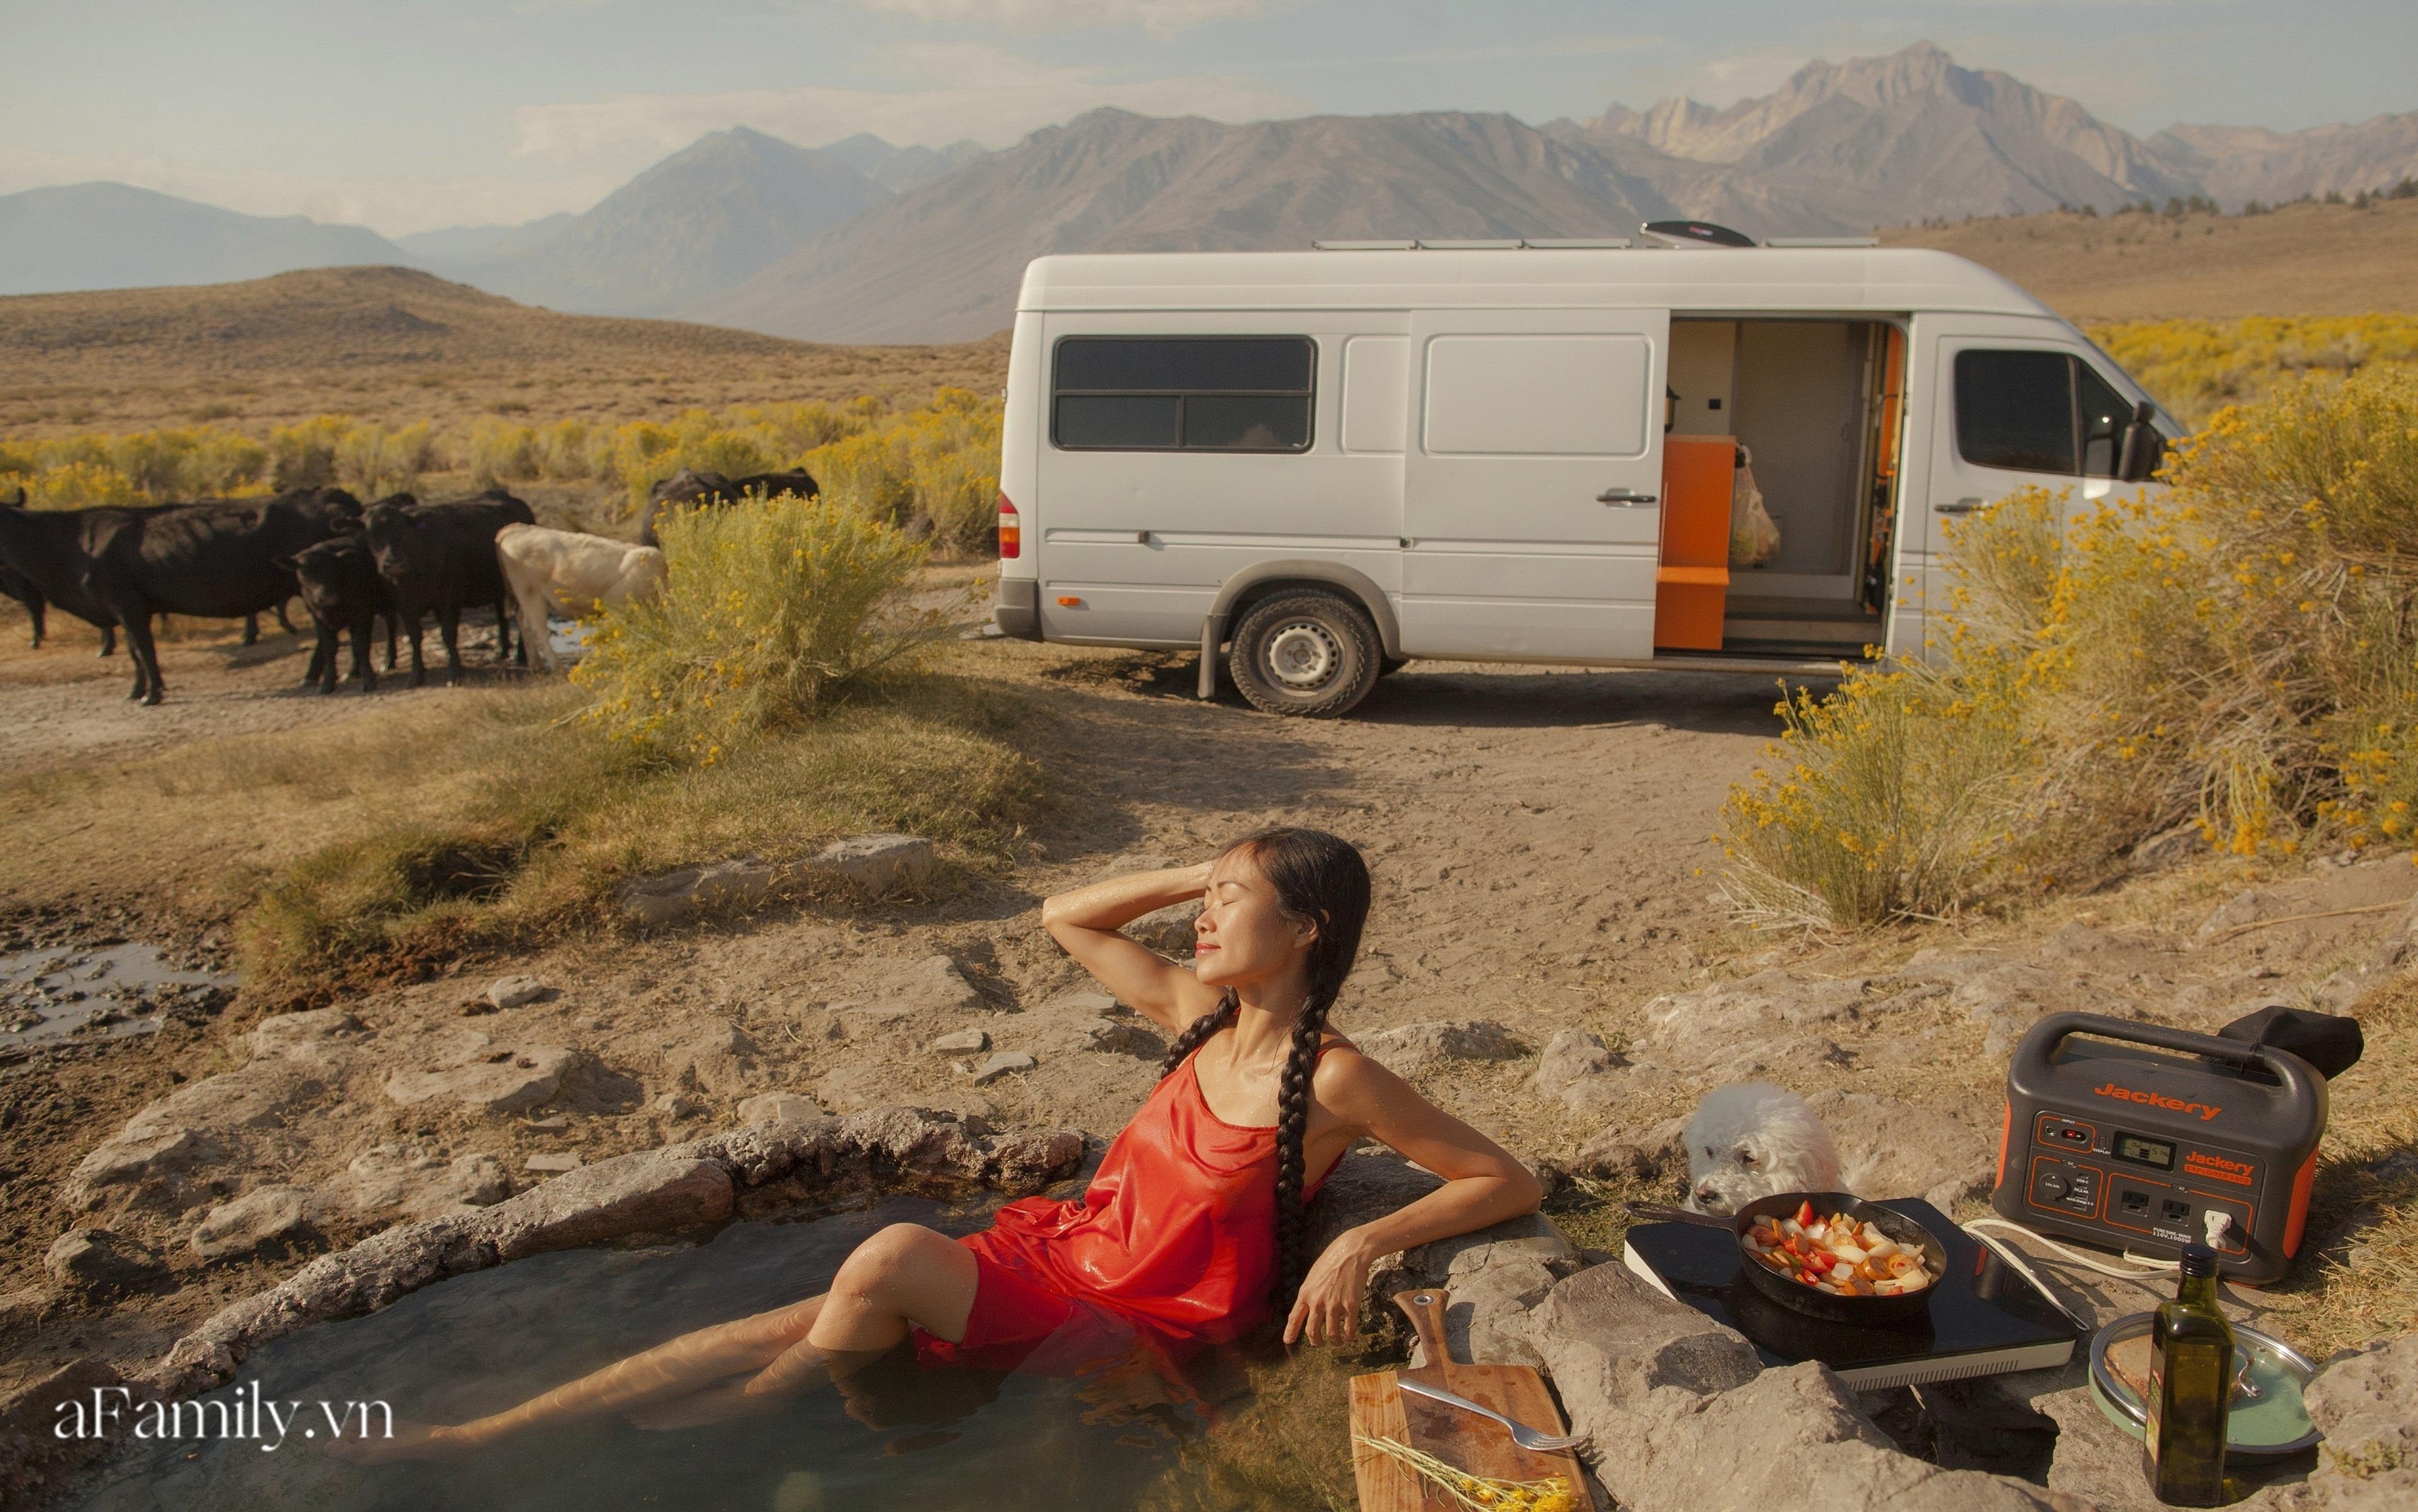 Cuộc sống trên xe van đi khắp nước Mỹ của đôi vợ chồng người Việt: Mỗi ngày thức dậy là một cảnh bình minh - Ảnh 5.